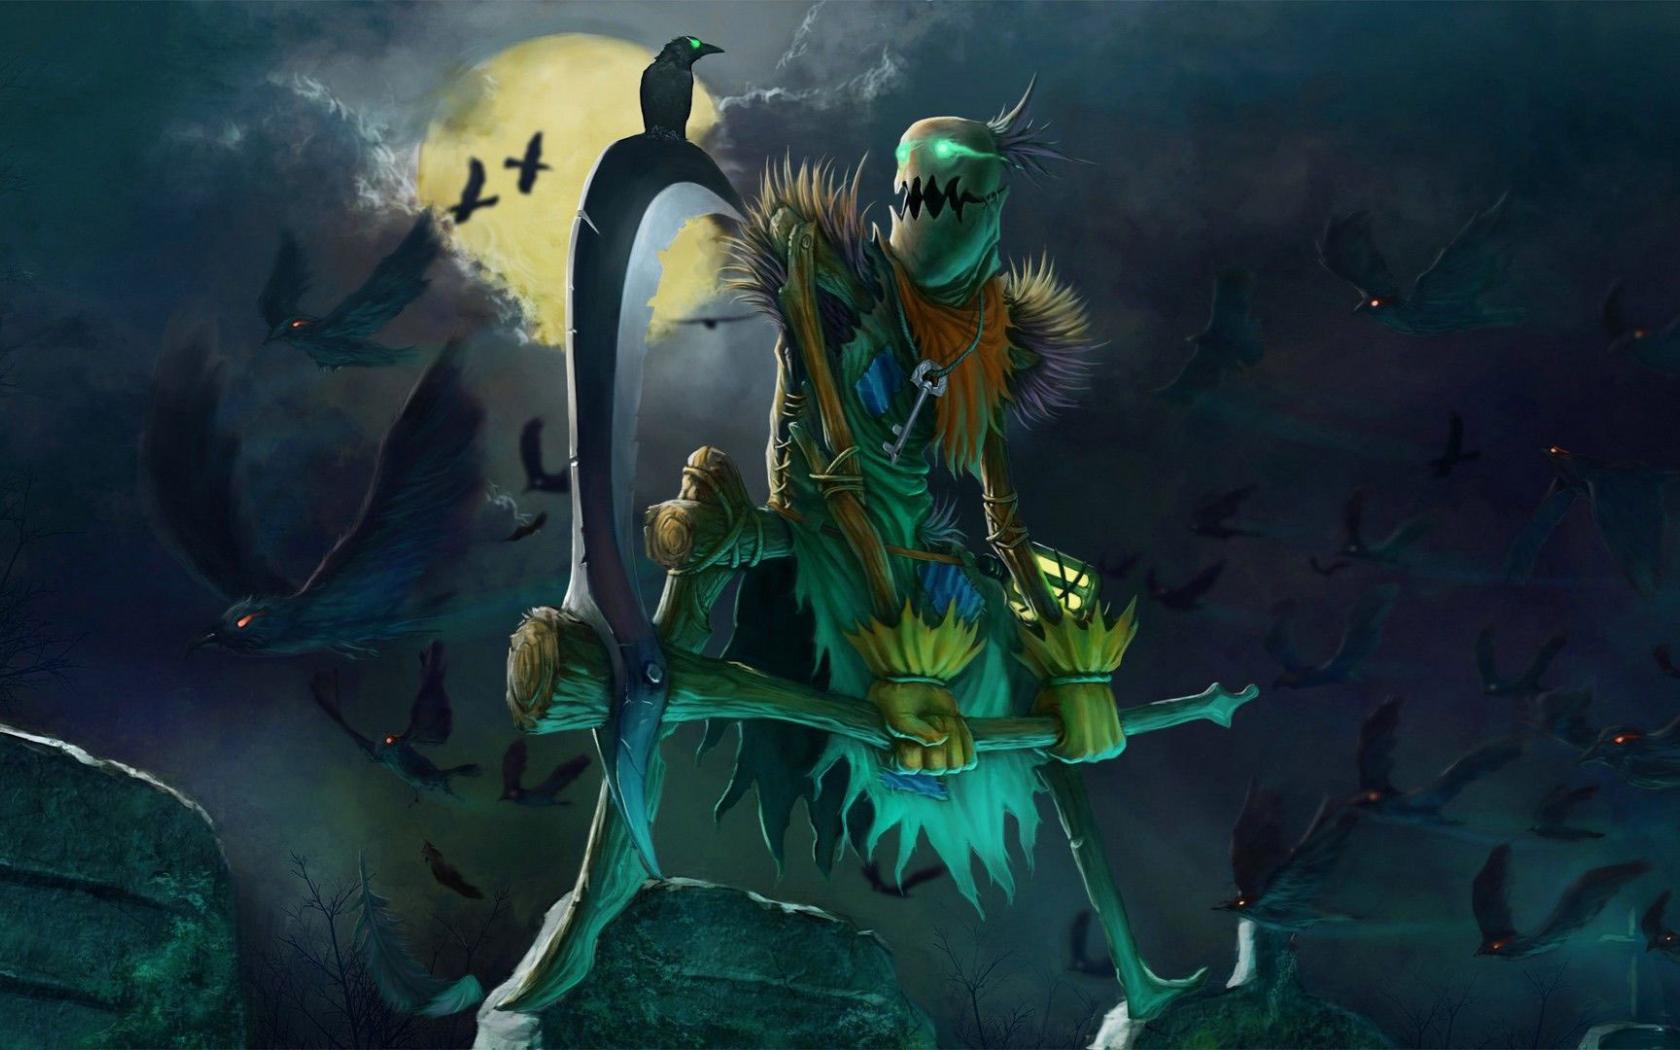 Free Download Fiddlesticks In League Of Legends Wallpaper